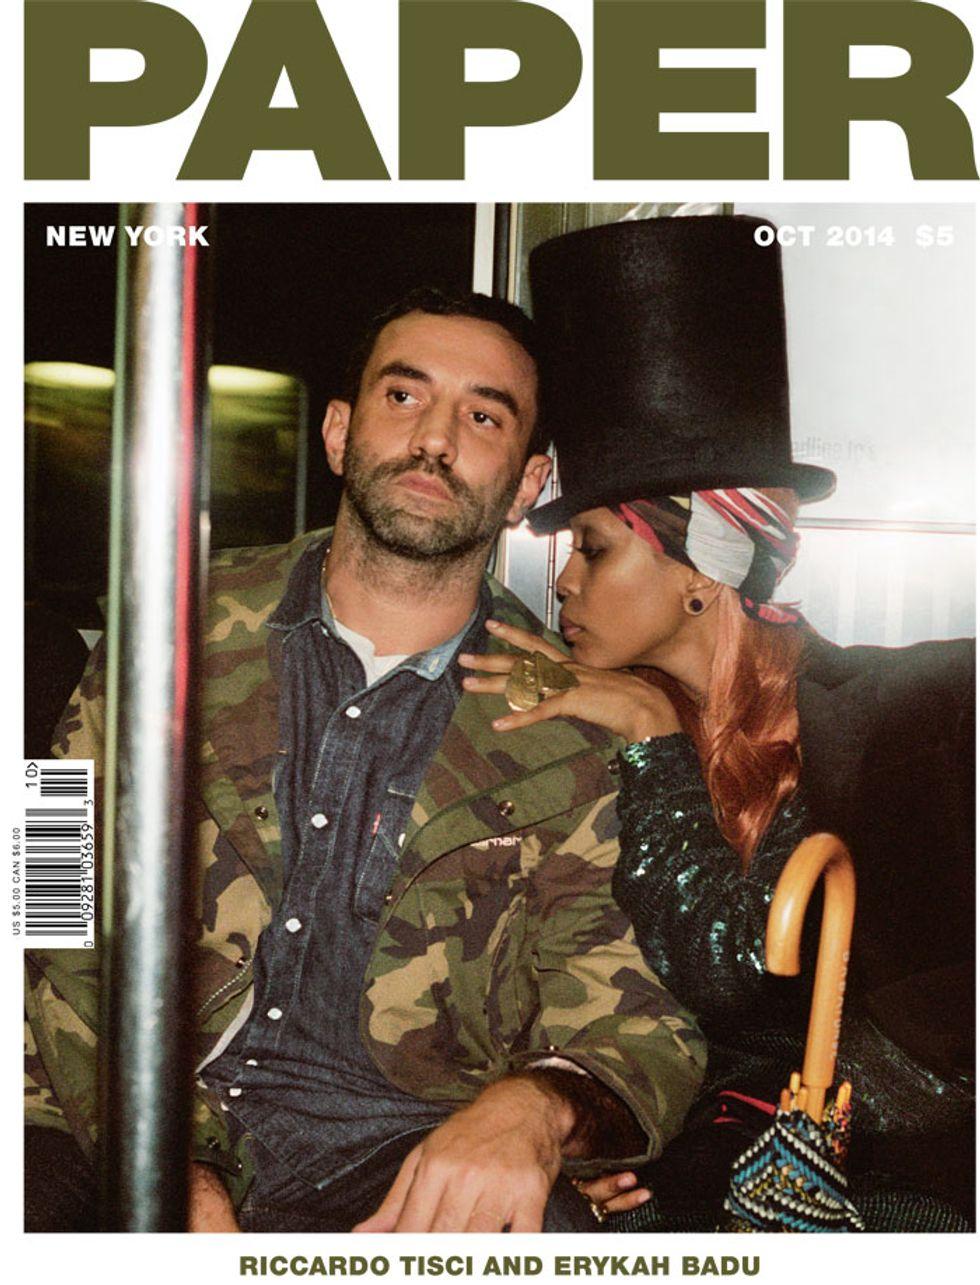 """Riccardo Tisci On Erykah Badu: """"She Is the Exact Definition of Style"""""""